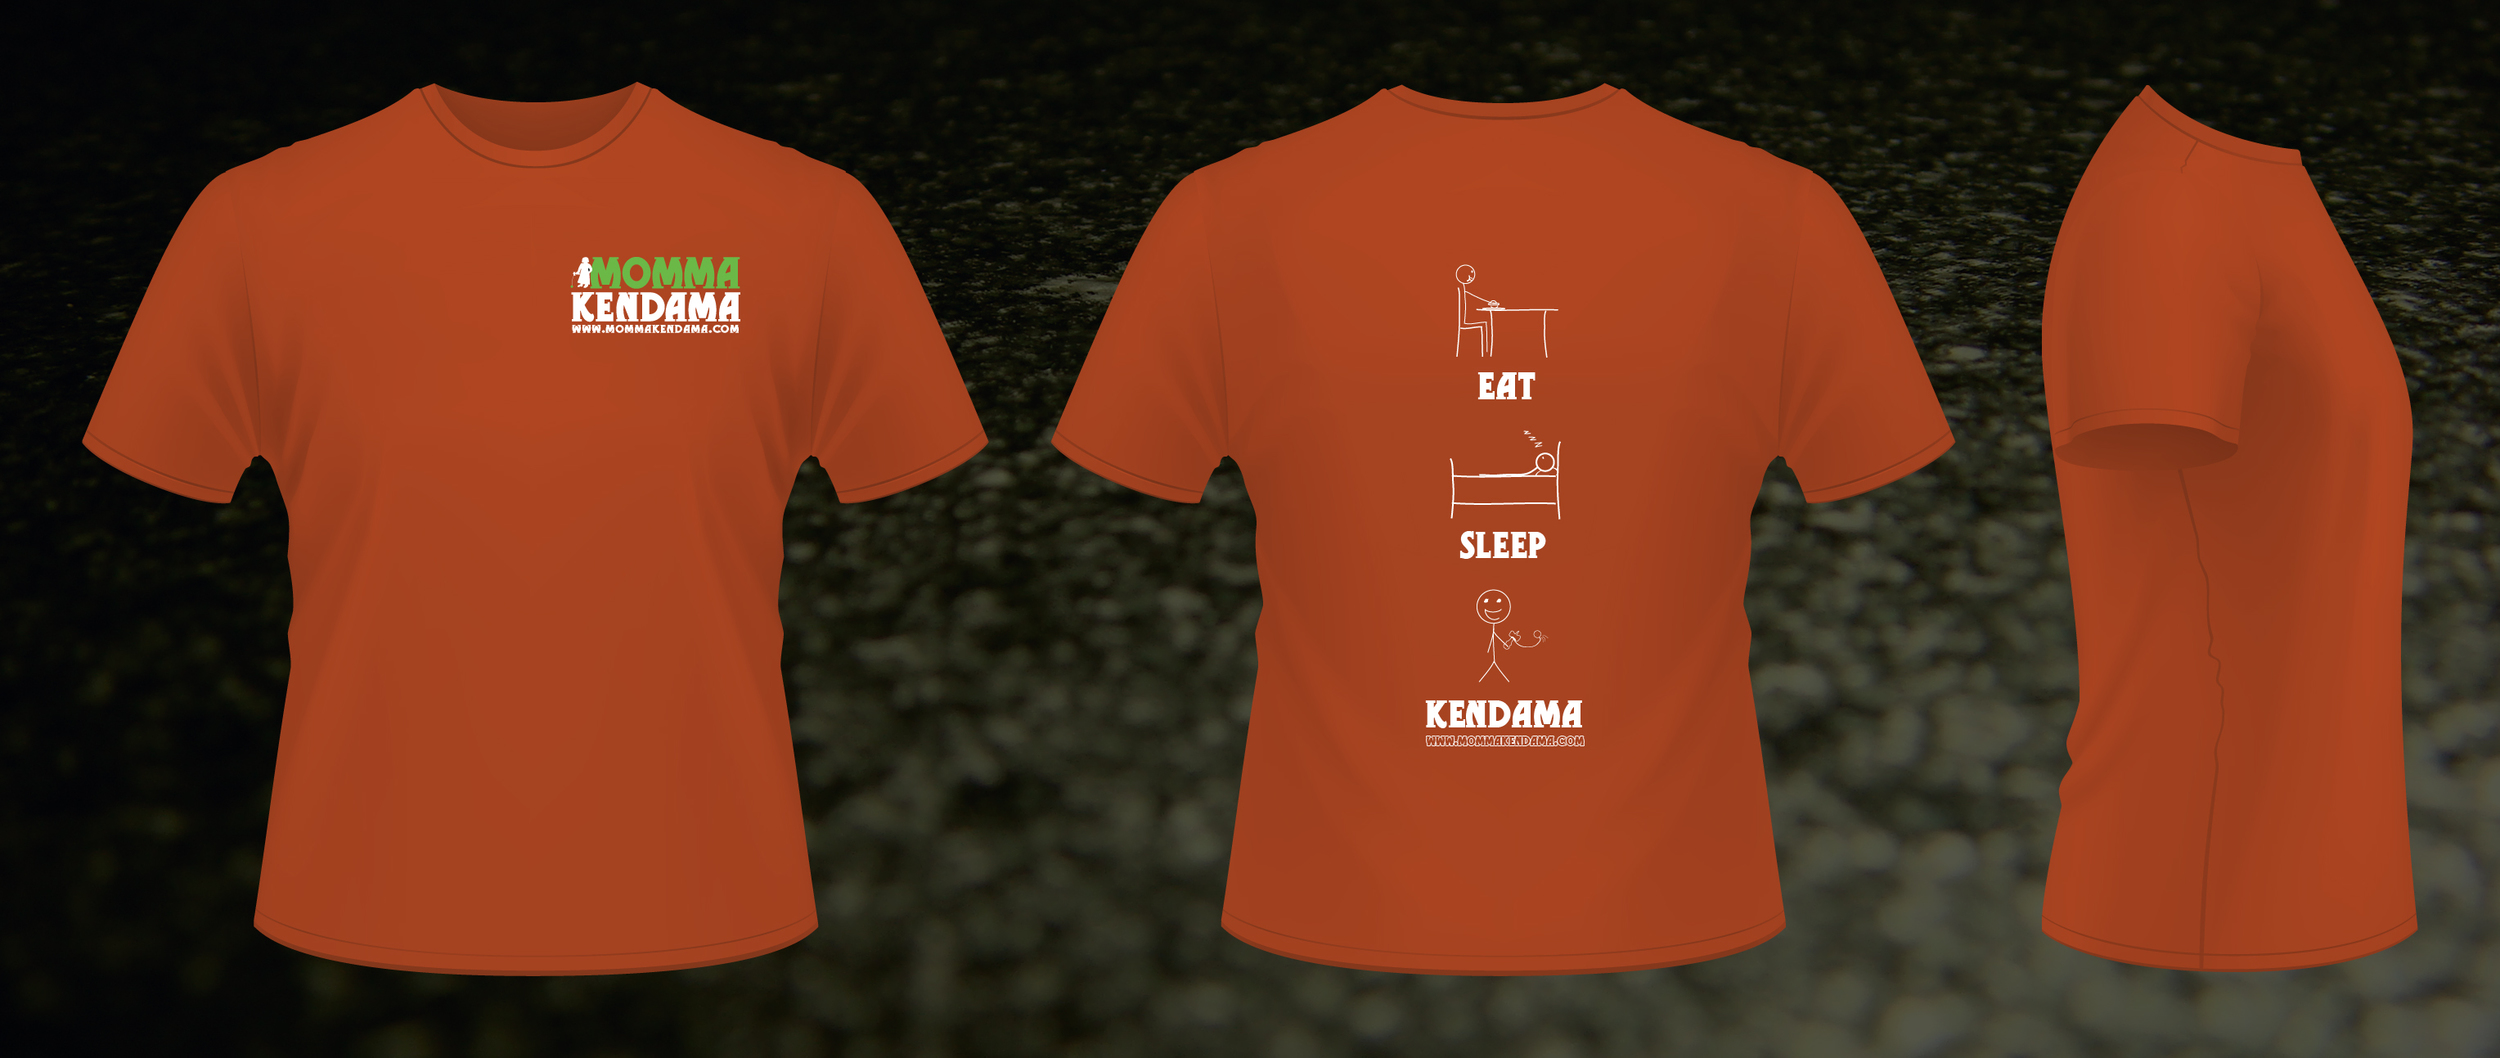 'eat. sleep. kendama.' t-shirt